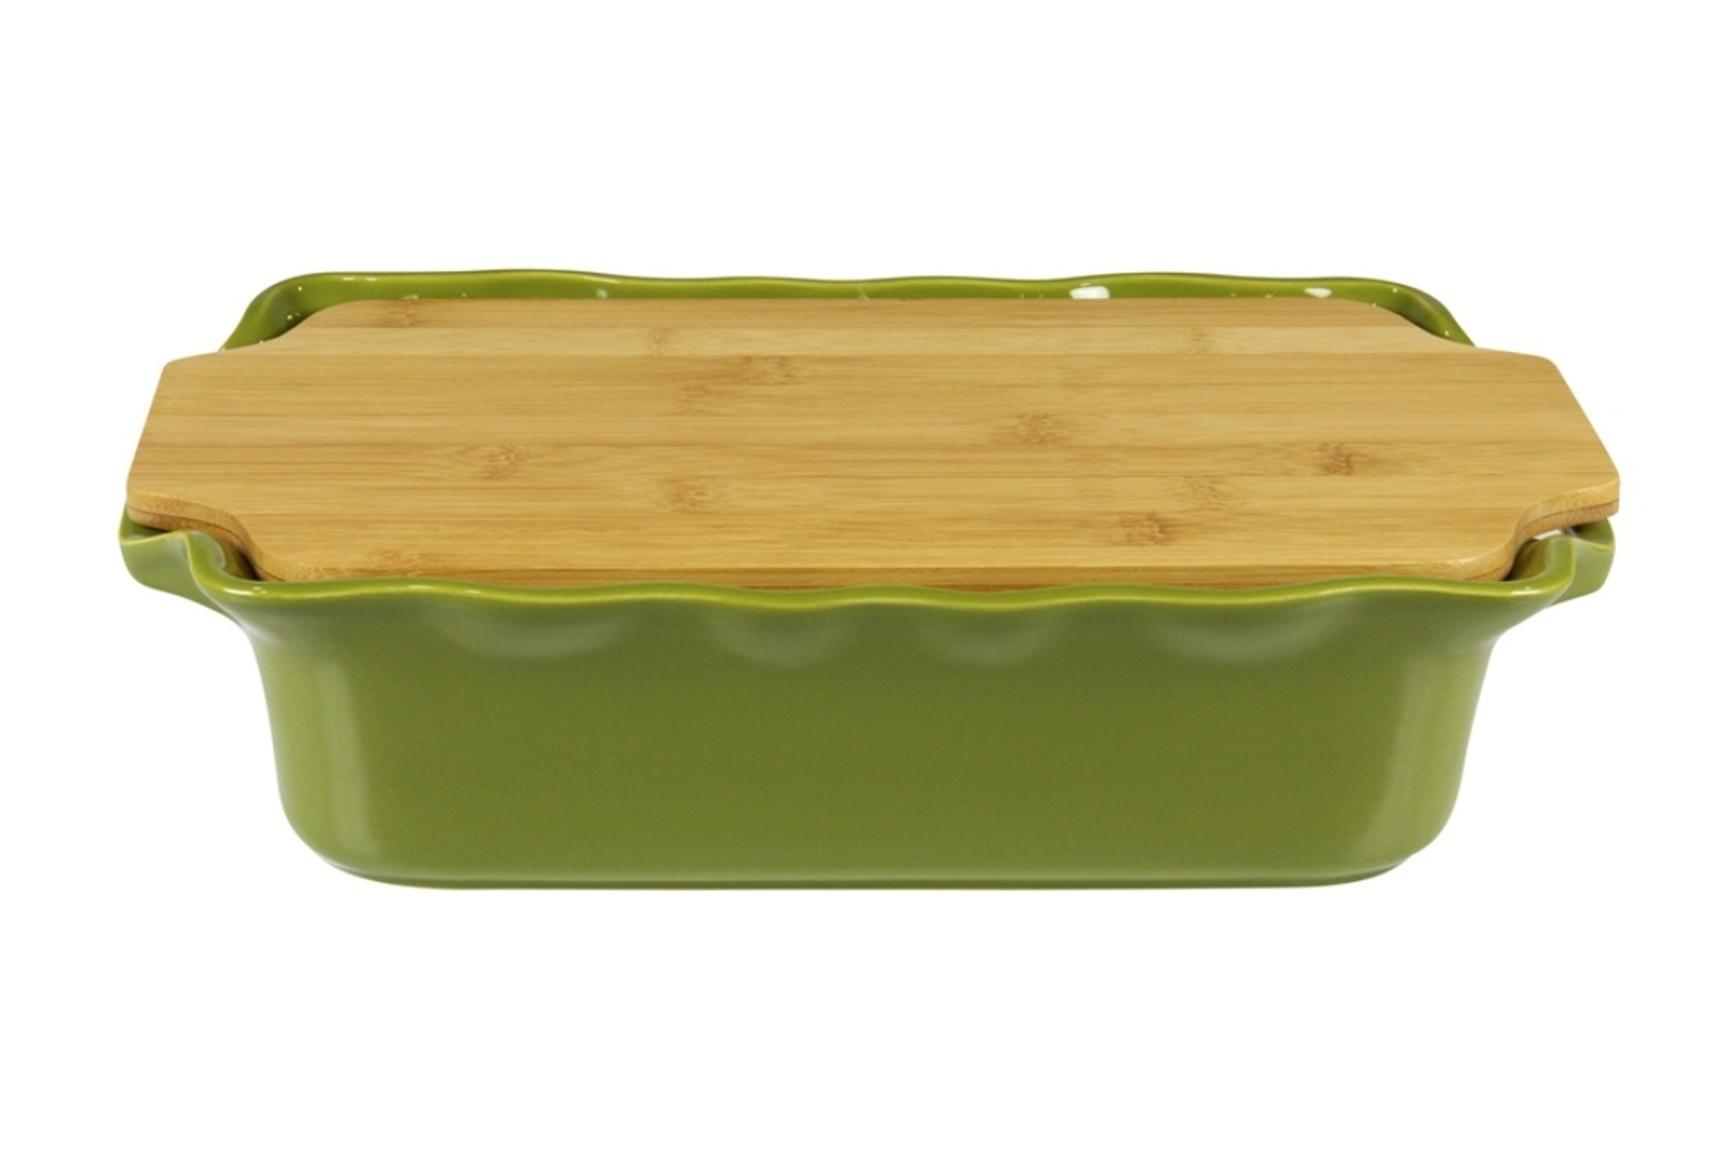 Форма с доcкой прямоугольная 37 см Appolia Cook&amp;Stock DARK GREEN 131037005Формы для запекания (выпечки)<br>Форма с доcкой прямоугольная 37 см Appolia Cook&amp;Stock DARK GREEN 131037005<br><br>В оригинальной коллекции Cook&amp;Stoock присутствуют мягкие цвета трех оттенков. Закругленные углы облегчают чистку. Легко использовать. Компактное хранение. В комплекте натуральные крышки из бамбука, которые можно использовать в качестве подставки, крышки и разделочной доски. Прочная жароустойчивая керамика экологична и изготавливается из высококачественной глины. Прочная глазурь устойчива к растрескиванию и сколам, не содержит свинца и кадмия. Глина обеспечивает медленный и равномерный нагрев, деликатное приготовление с сохранением всех питательных веществ и витаминов, а та же долго сохраняет тепло, что удобно при сервировке горячих блюд.<br>